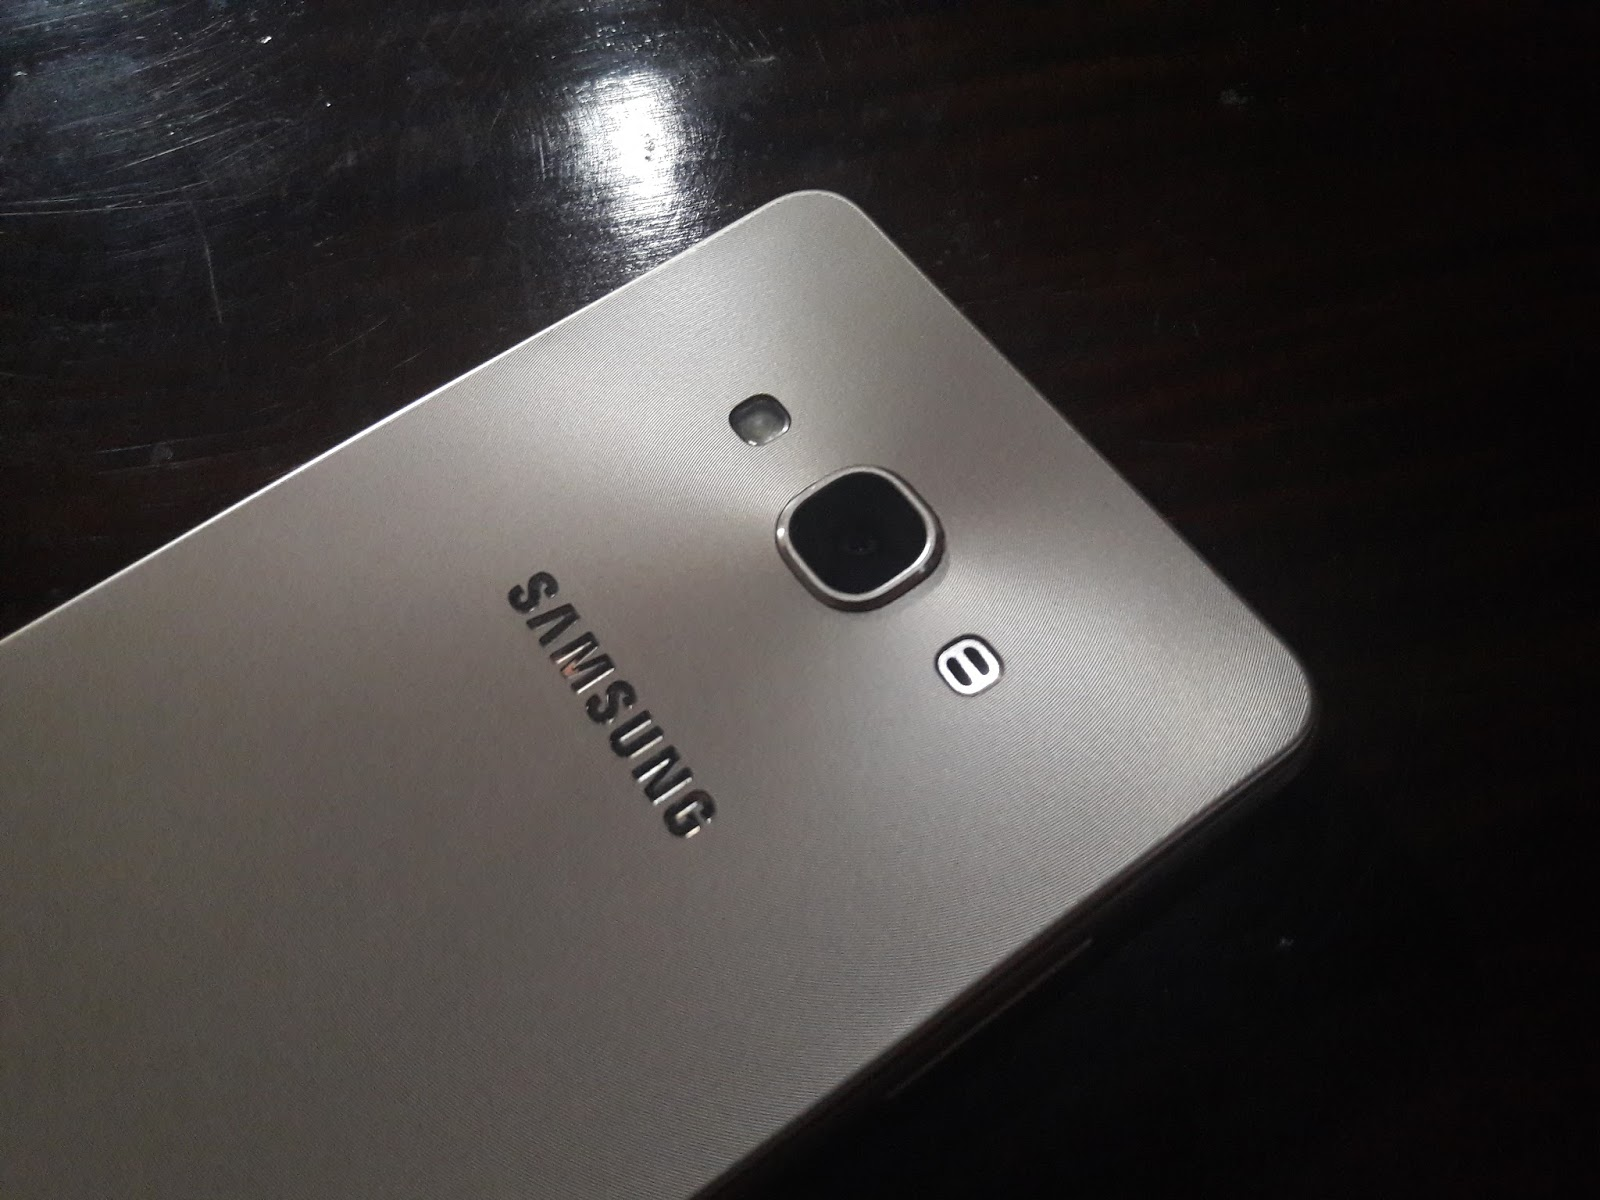 Samsung J3pro J3119s Daftar Harga Terkini Dan Terlengkap Indonesia Galaxy J3 Pro Sm J3110 Garansi Distributor Review J3119